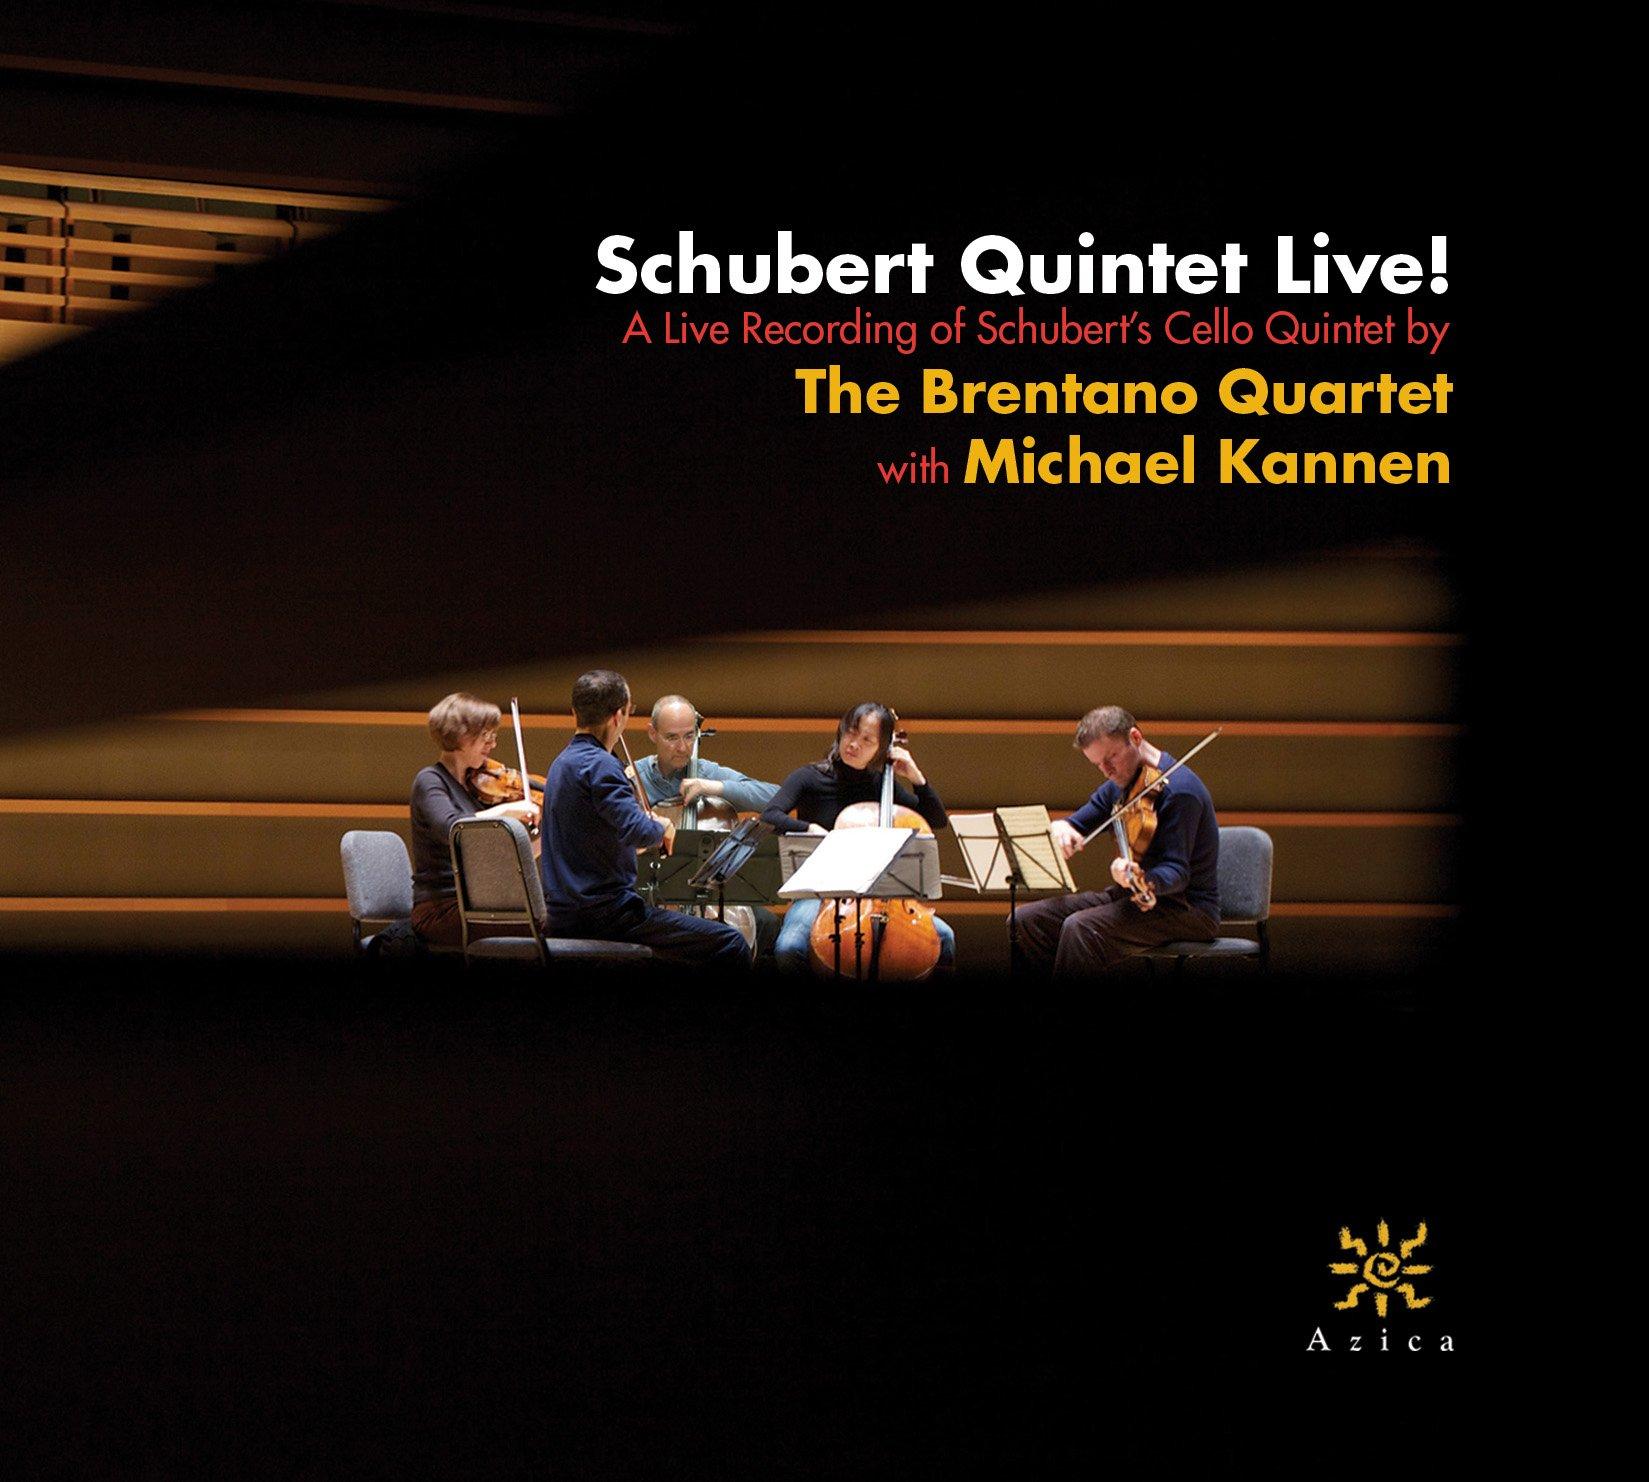 Schubert Quintet Live!